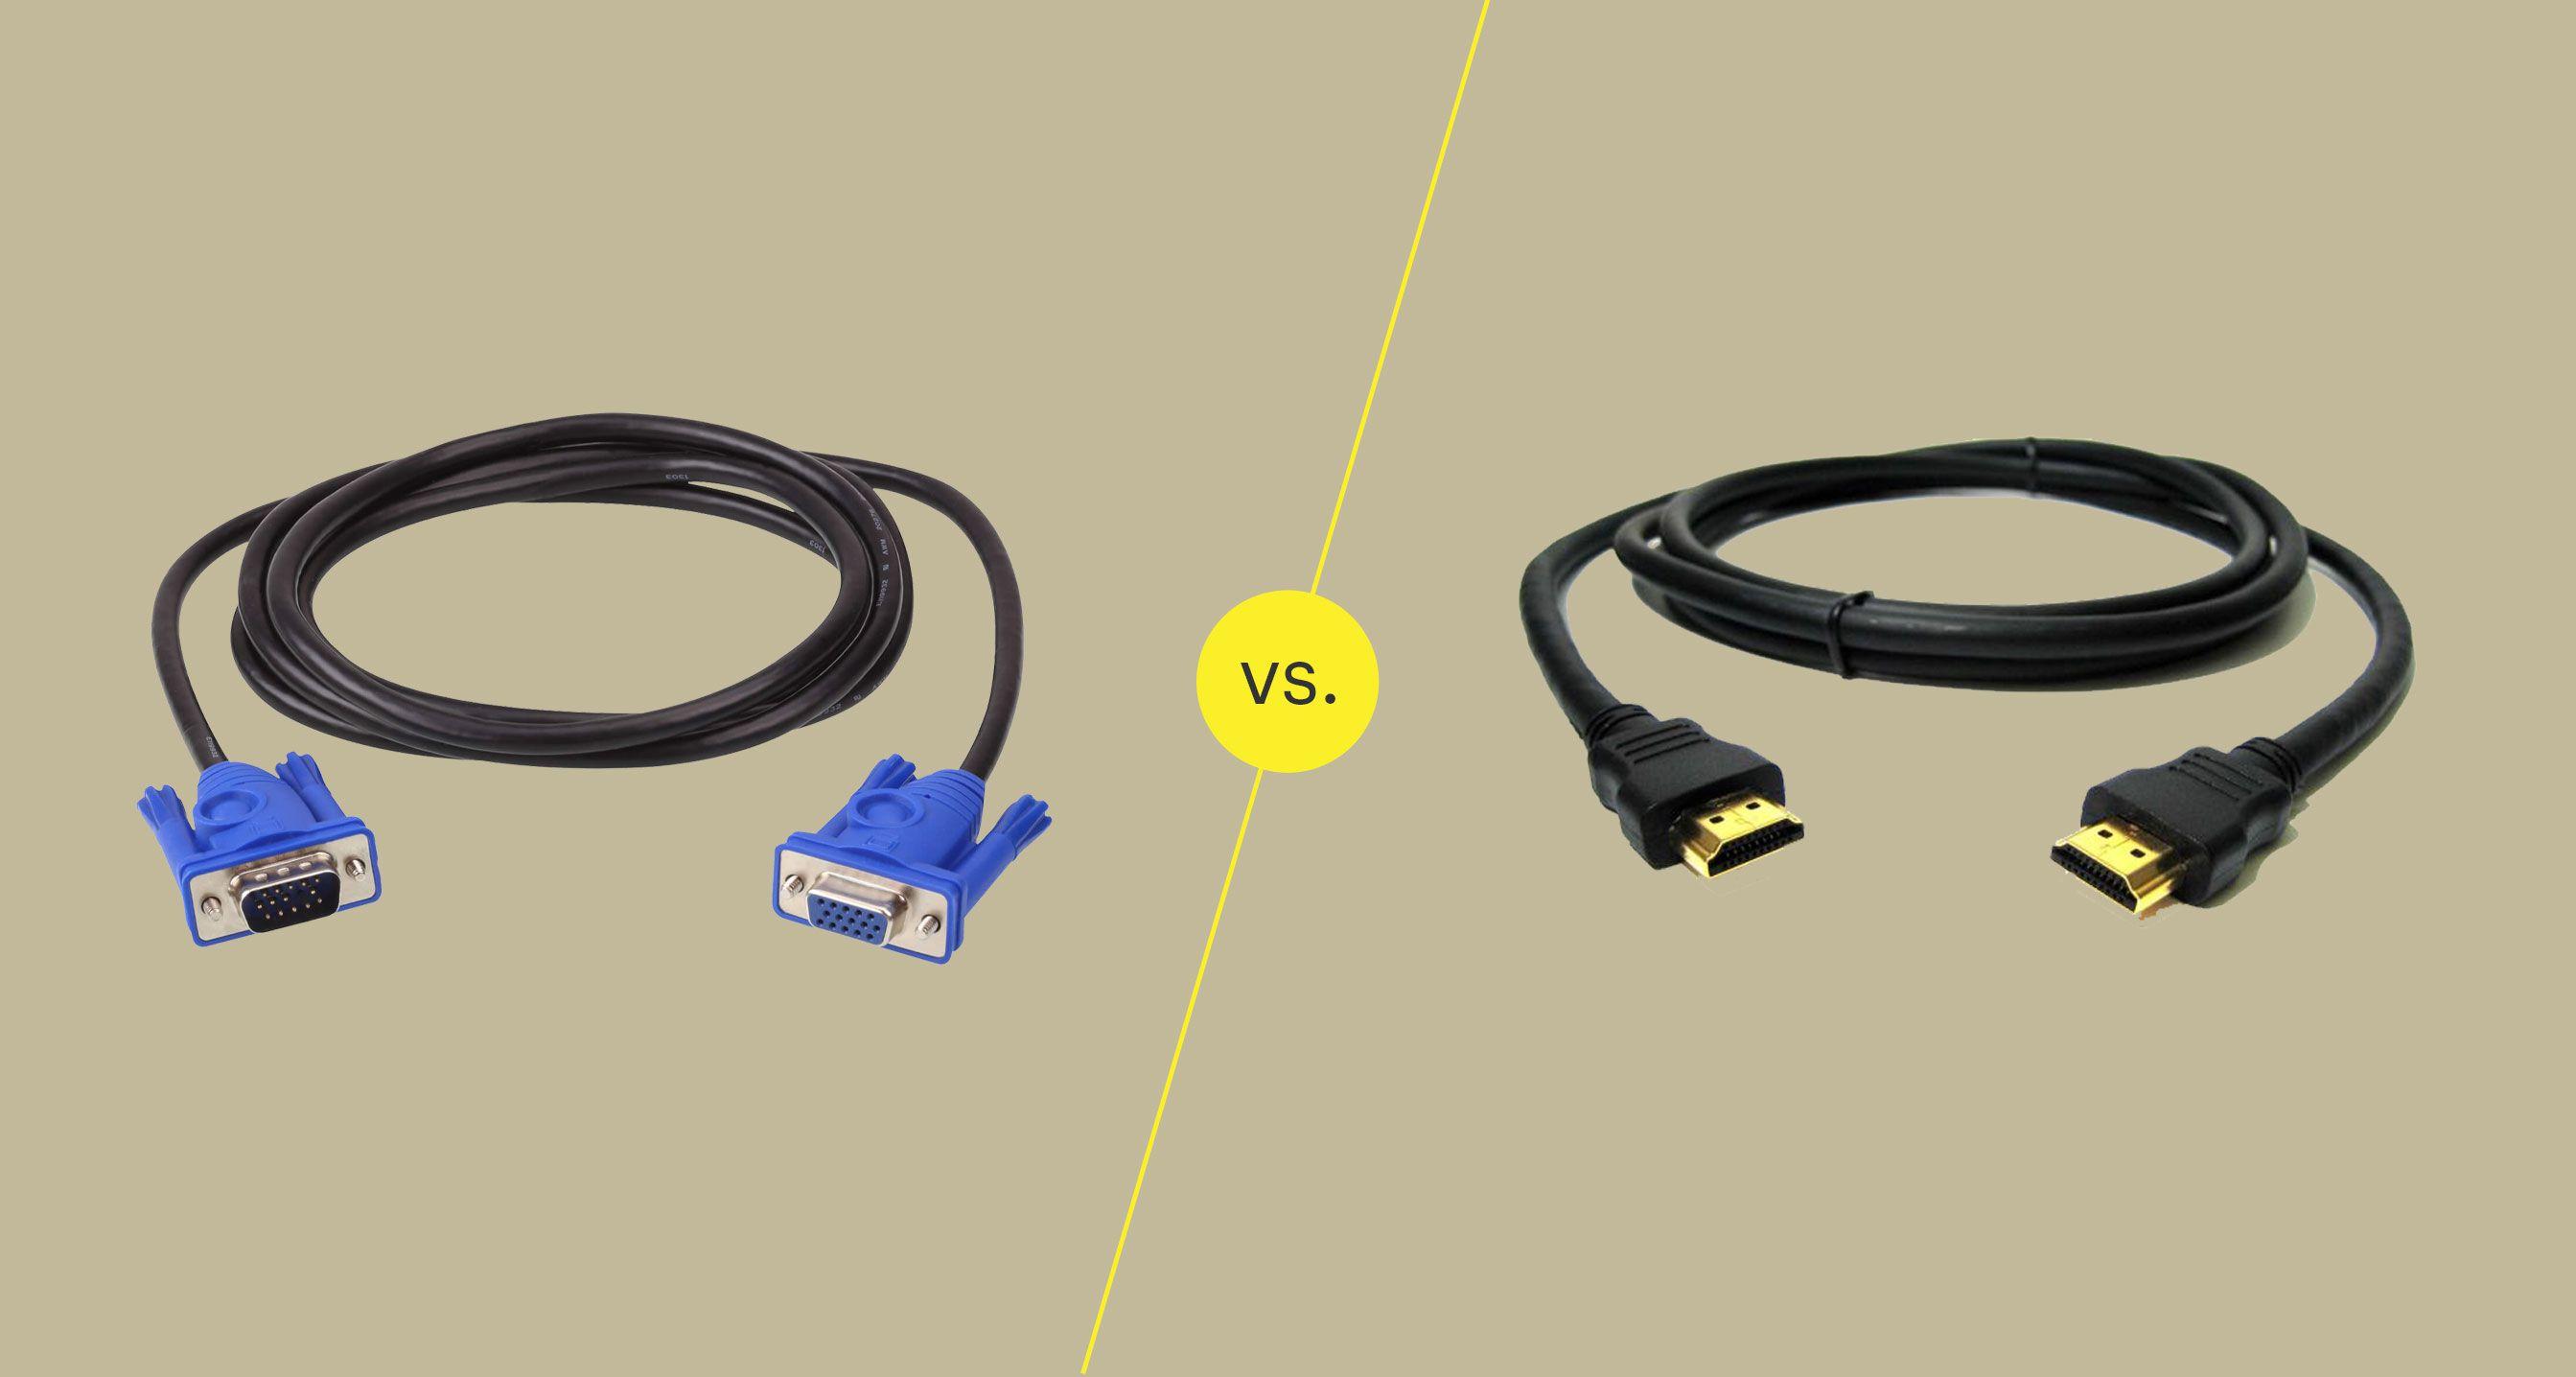 VGA vs HDMI